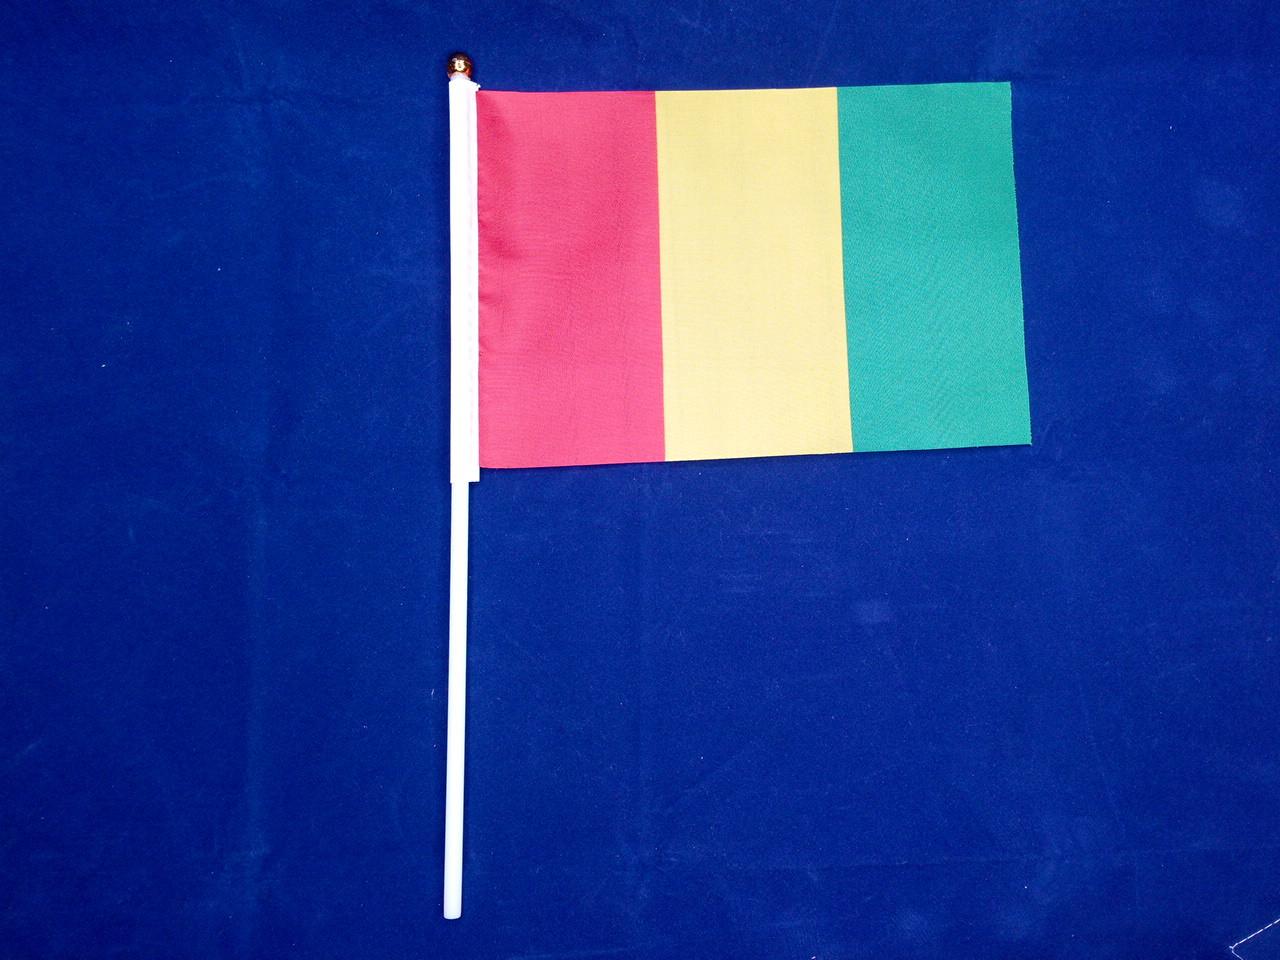 Флажок Гвинеи 14х21см на пластиковом флагштоке